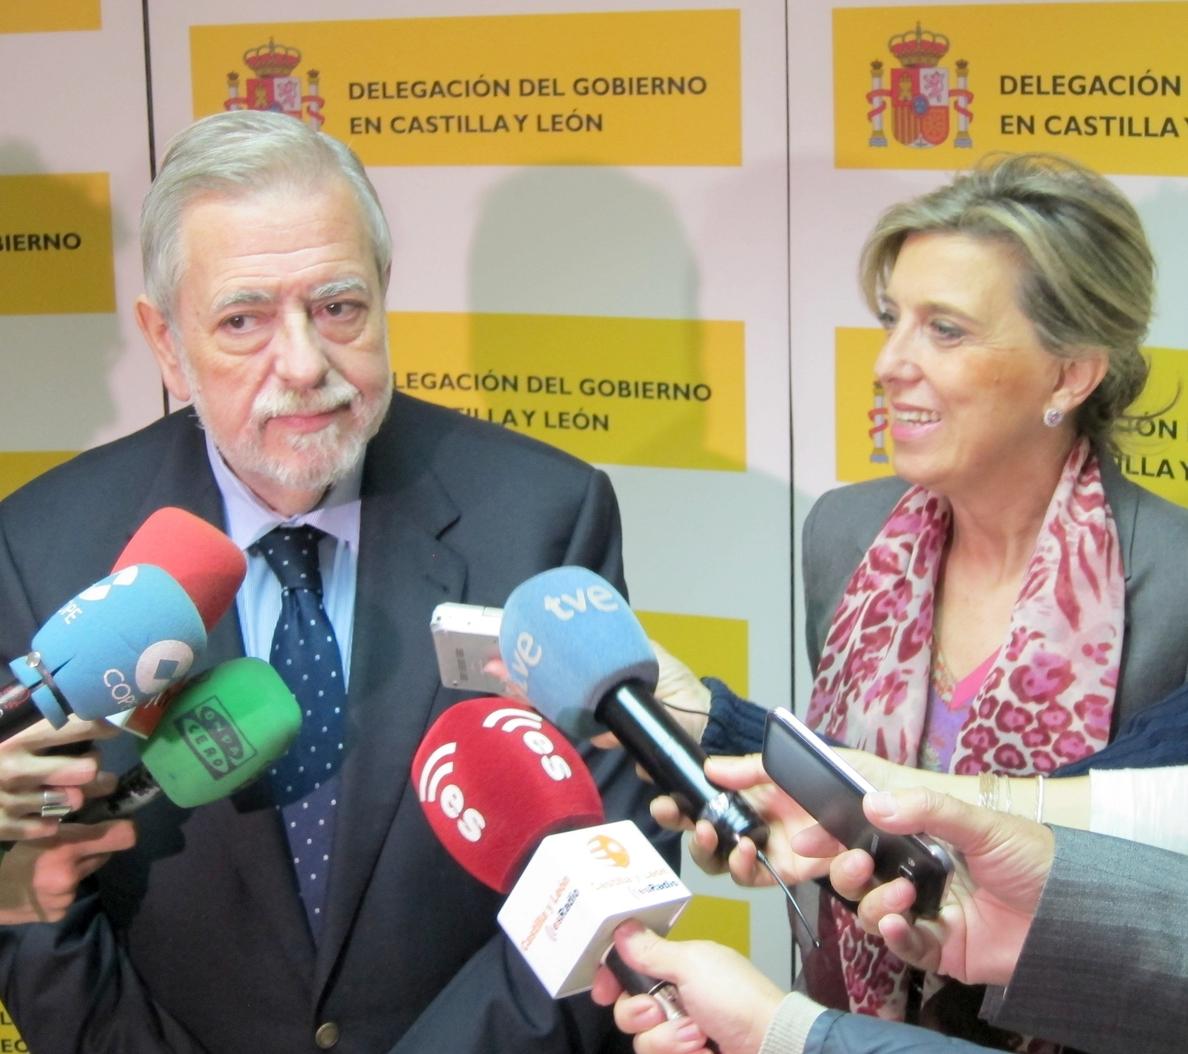 Beteta advierte a CyL de que el compromiso de déficit «es irrenunciable» y le recuerda que la política es «priorizar»